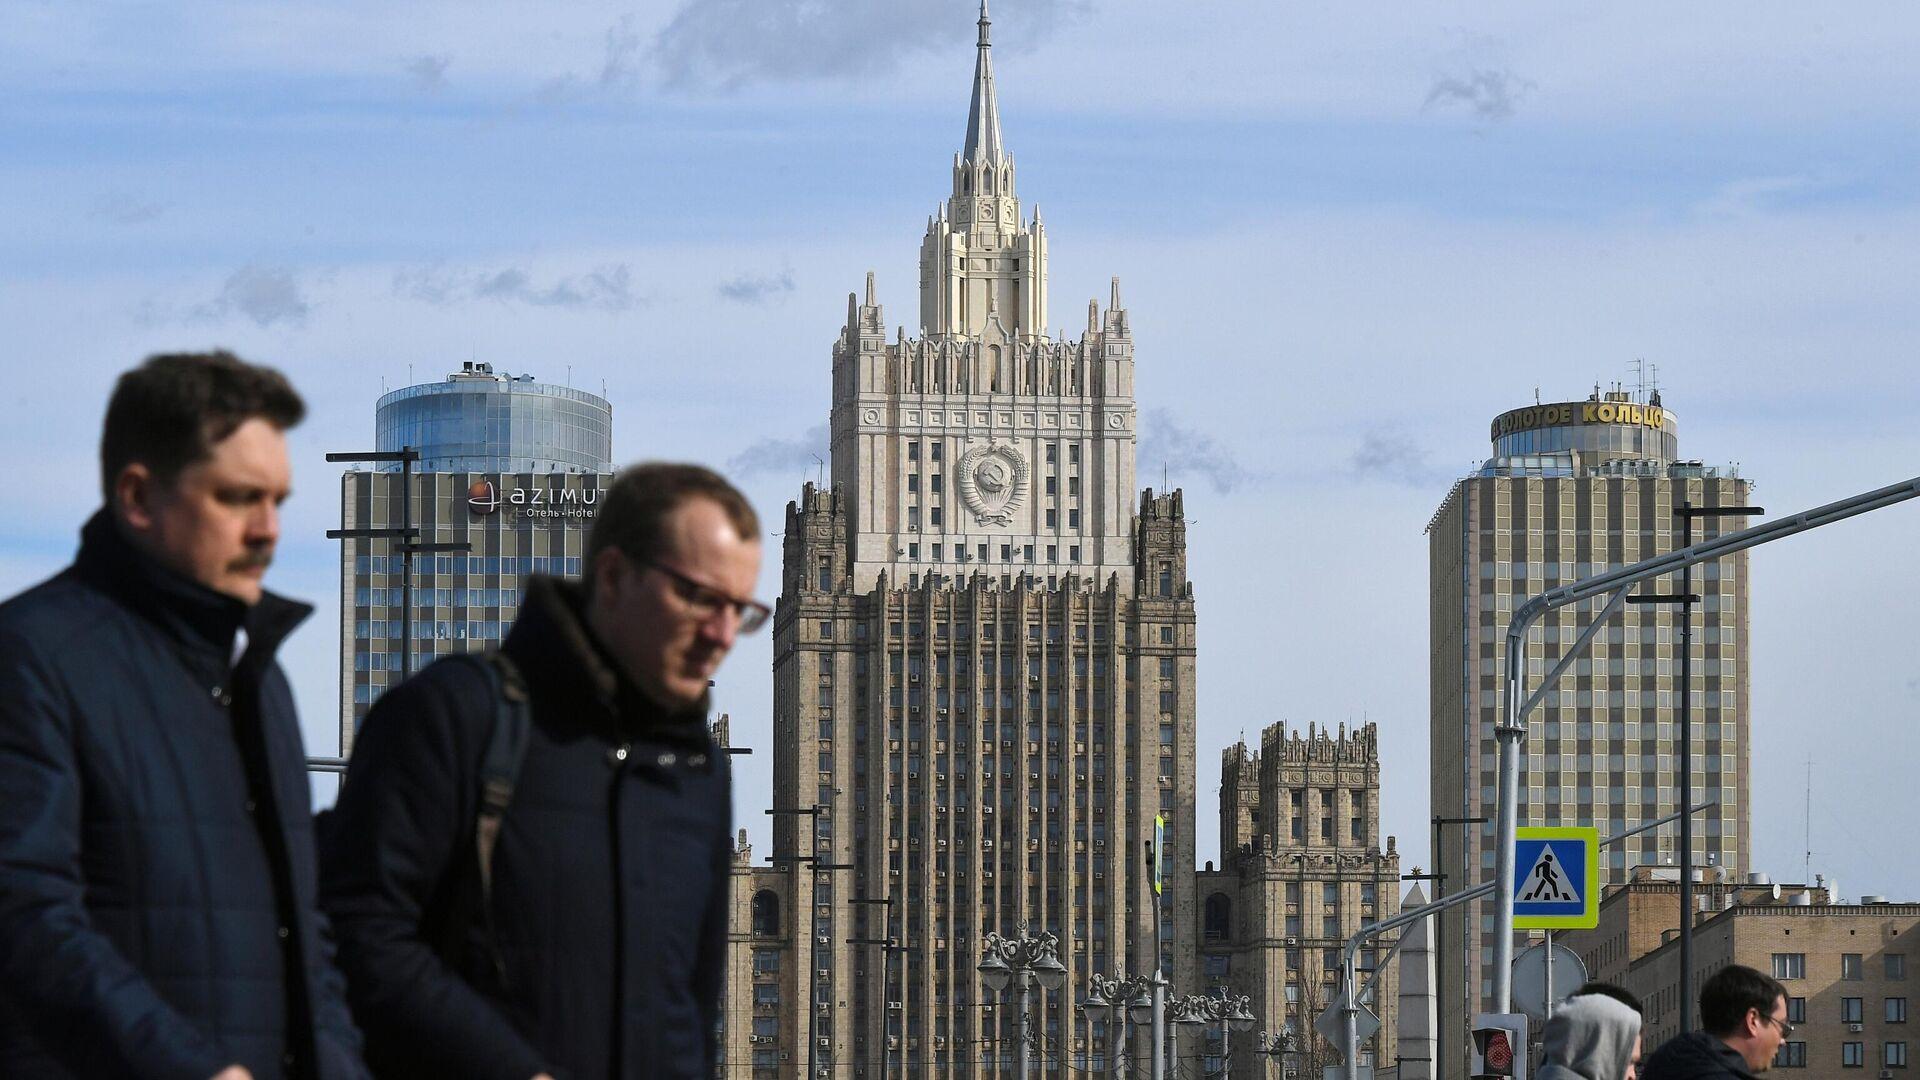 Здание Министерства иностранных дел РФ  - РИА Новости, 1920, 15.10.2020